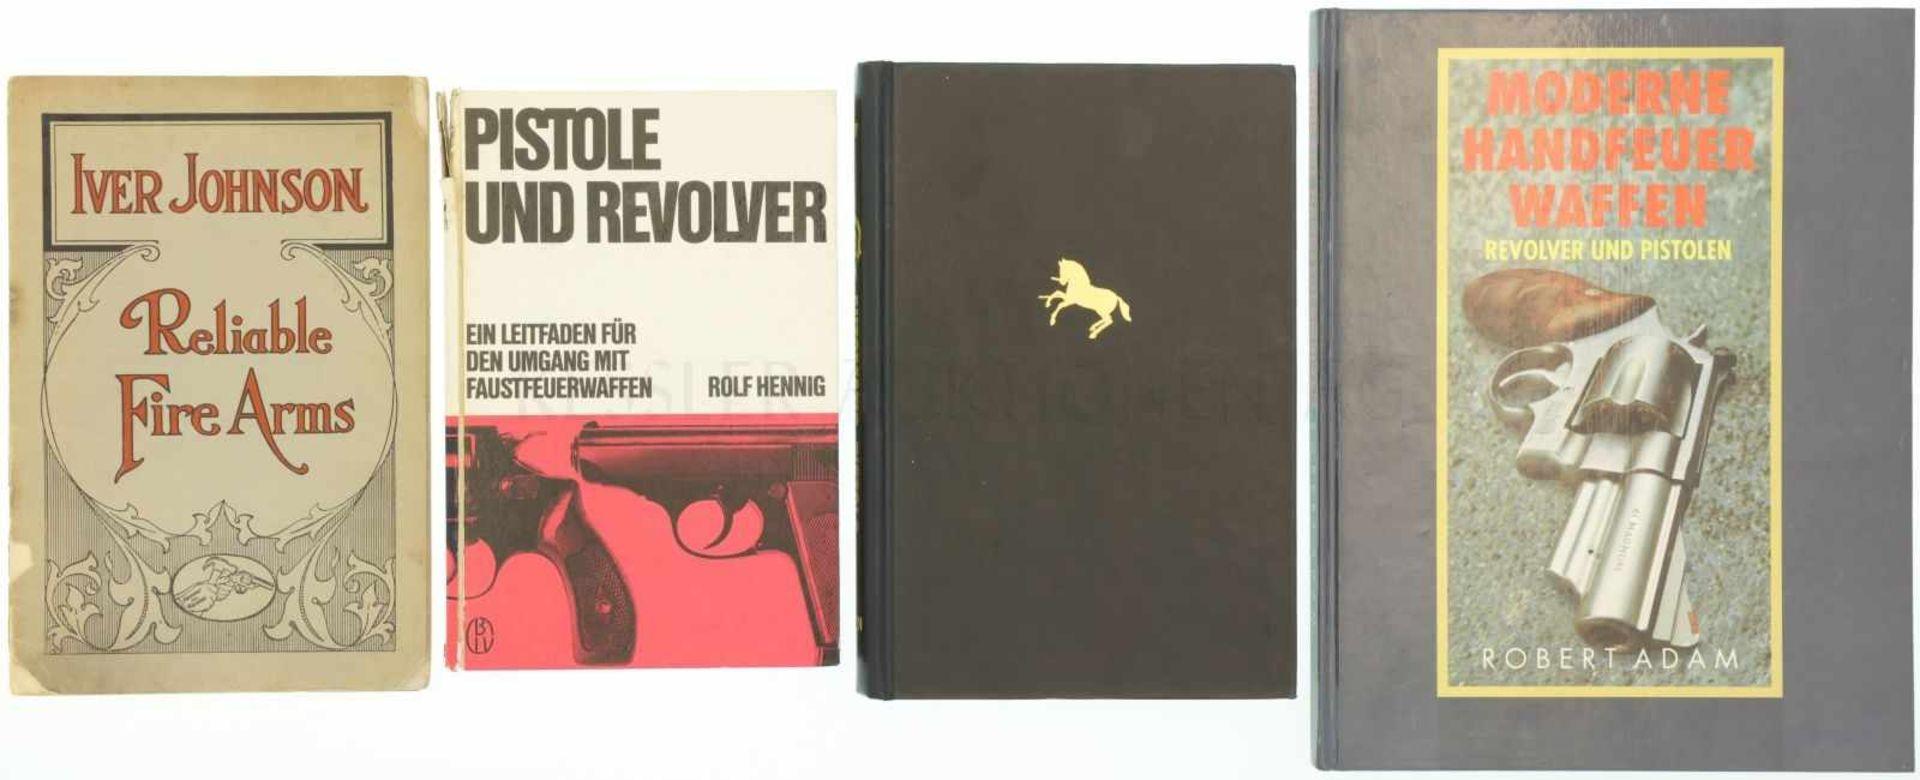 Konvolut 3 Bücher und 1 Heft 1. Iver Johnson, Reliable Fire Arms, Cataloque No. 24, in englisch.